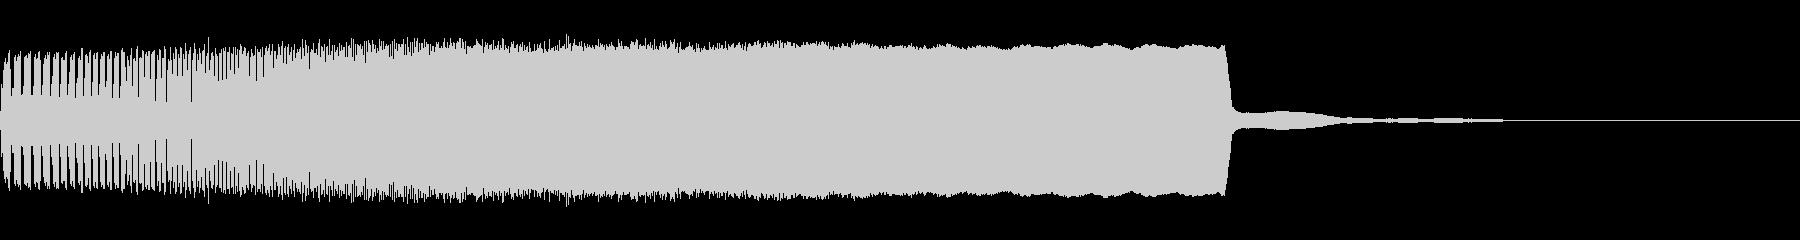 遊技機用強調SE(上昇系電子音)の未再生の波形